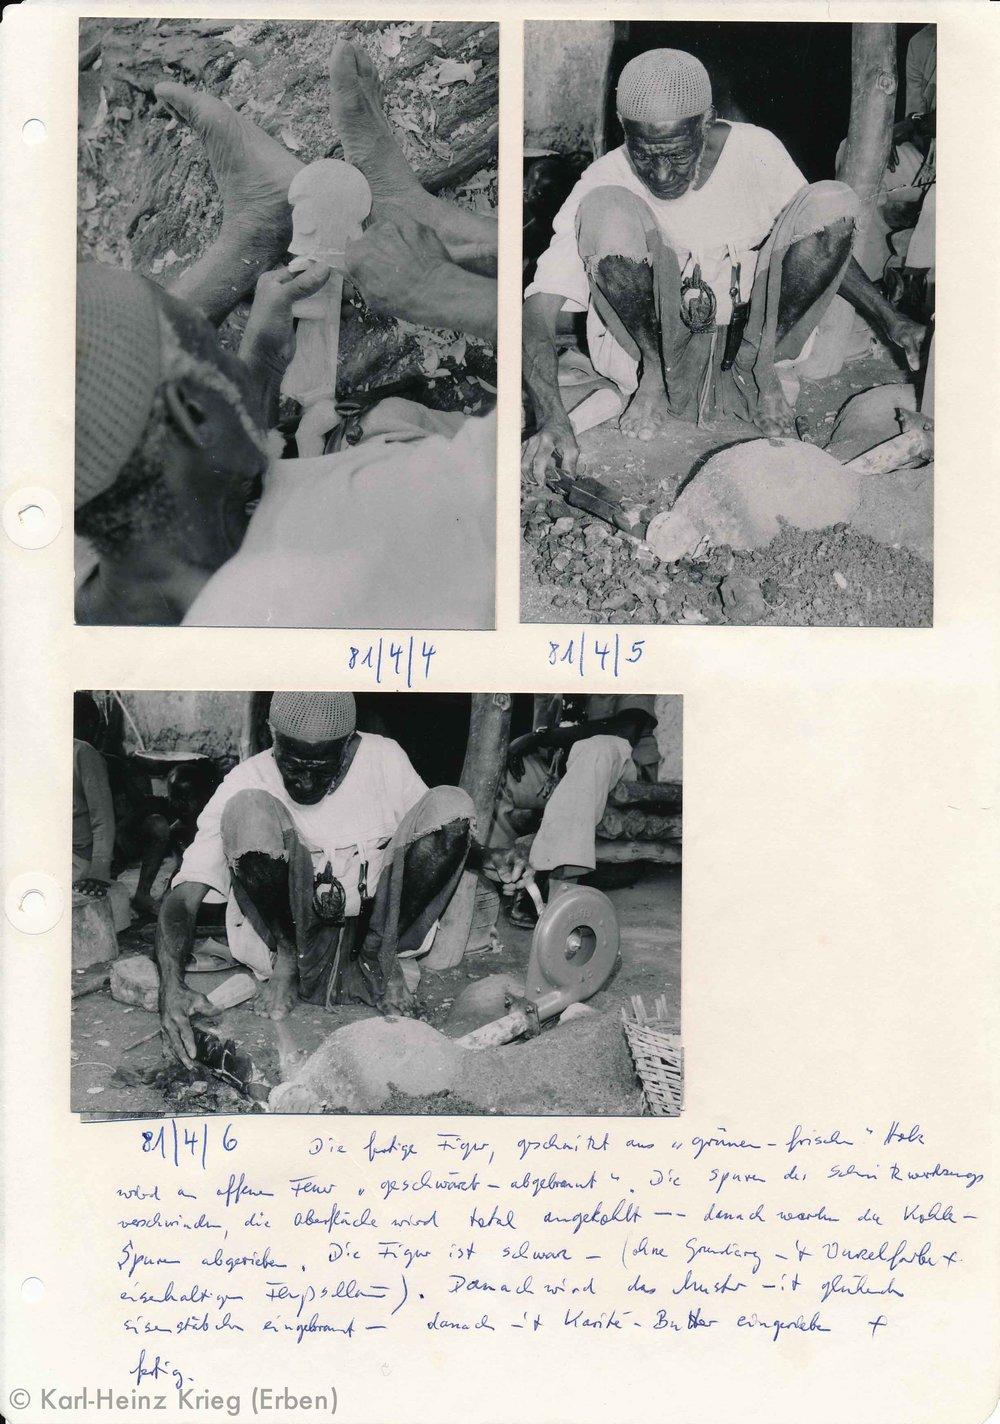 Archive by Karl-Heinz Krieg, Tinnin Fané